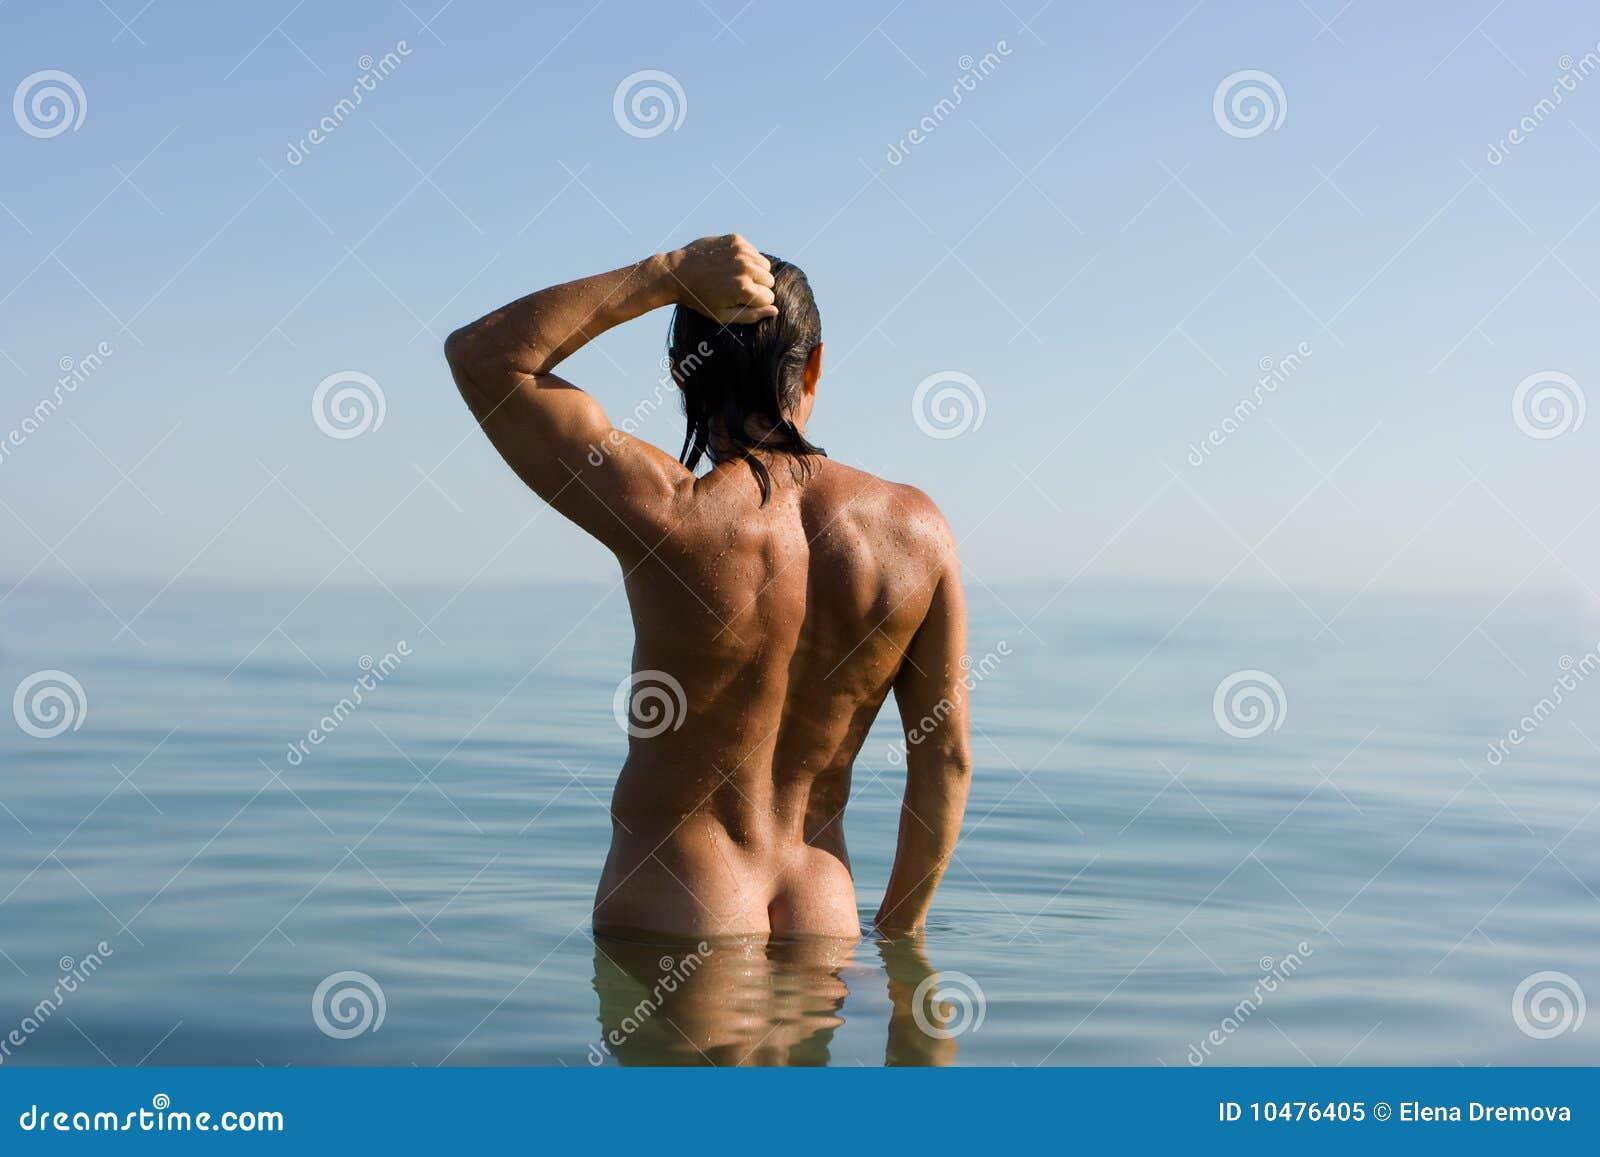 Hombre atractivo en agua